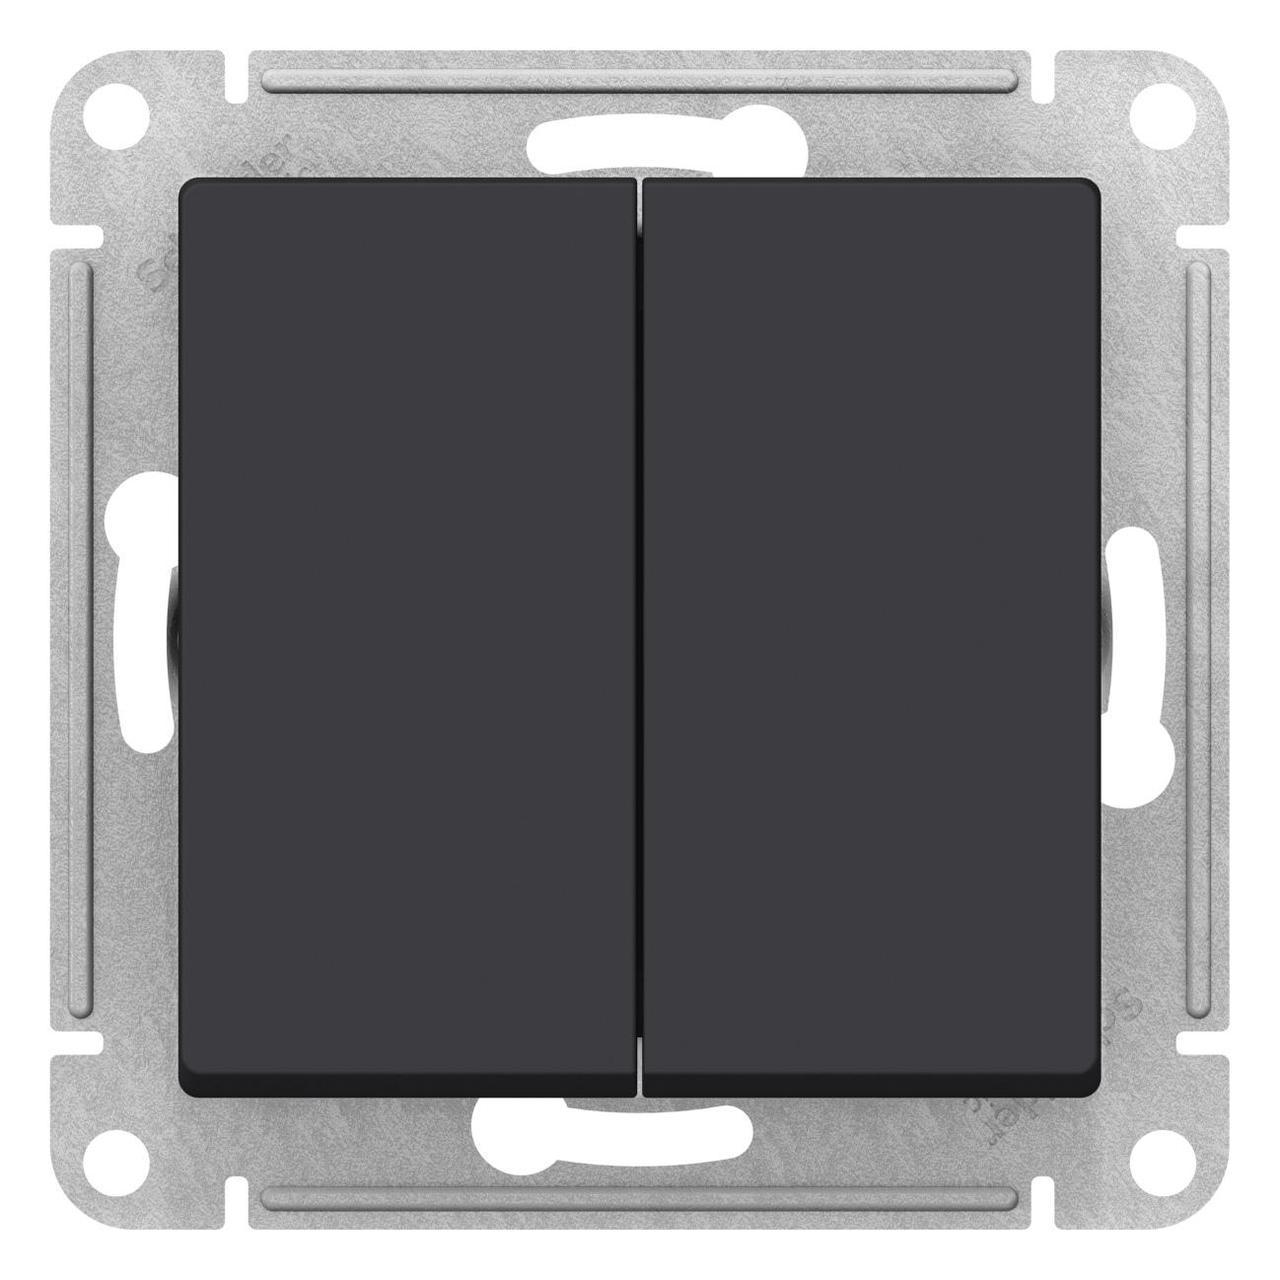 Выключатель 2-клавишный проходной (с двух мест) , Карбон, серия Atlas Design, Schneider Electric